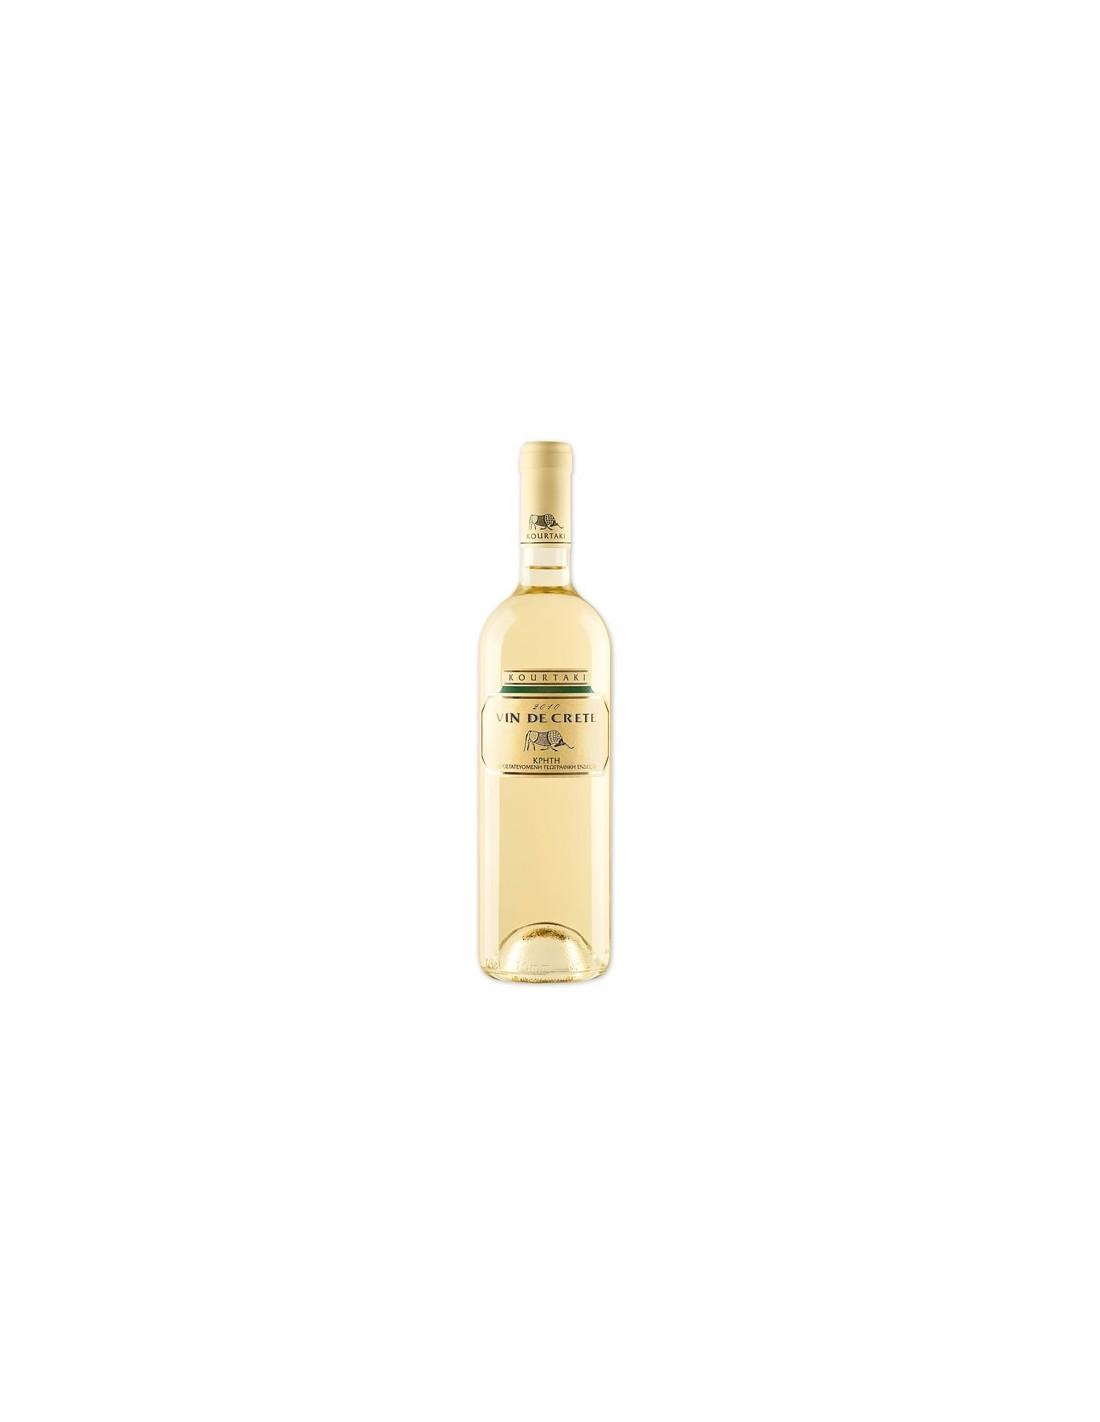 Vin alb, Vin De Crete, 0.75L, 11.5% alc., Grecia